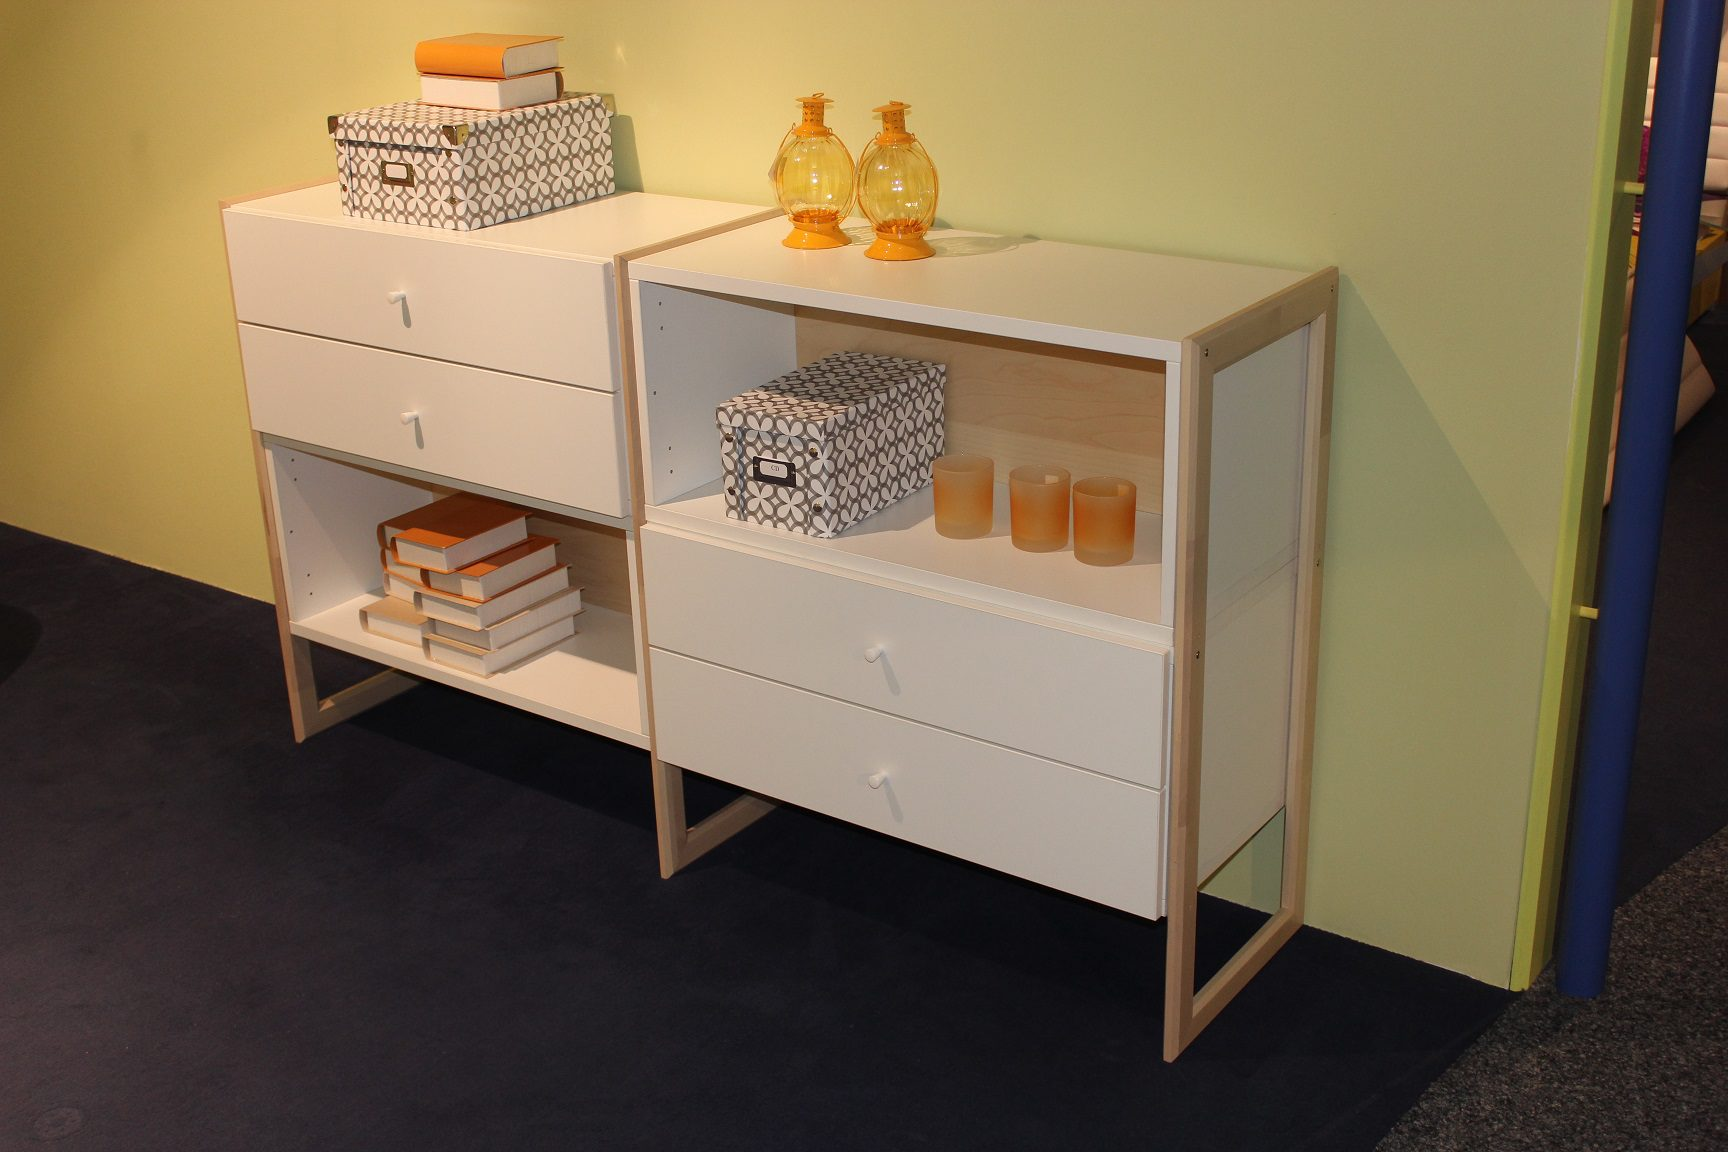 Kinderzimmer holz  Jobst Wohnwelt Traunreut | Räume | Jugendzimmer + Kinderzimmer ...